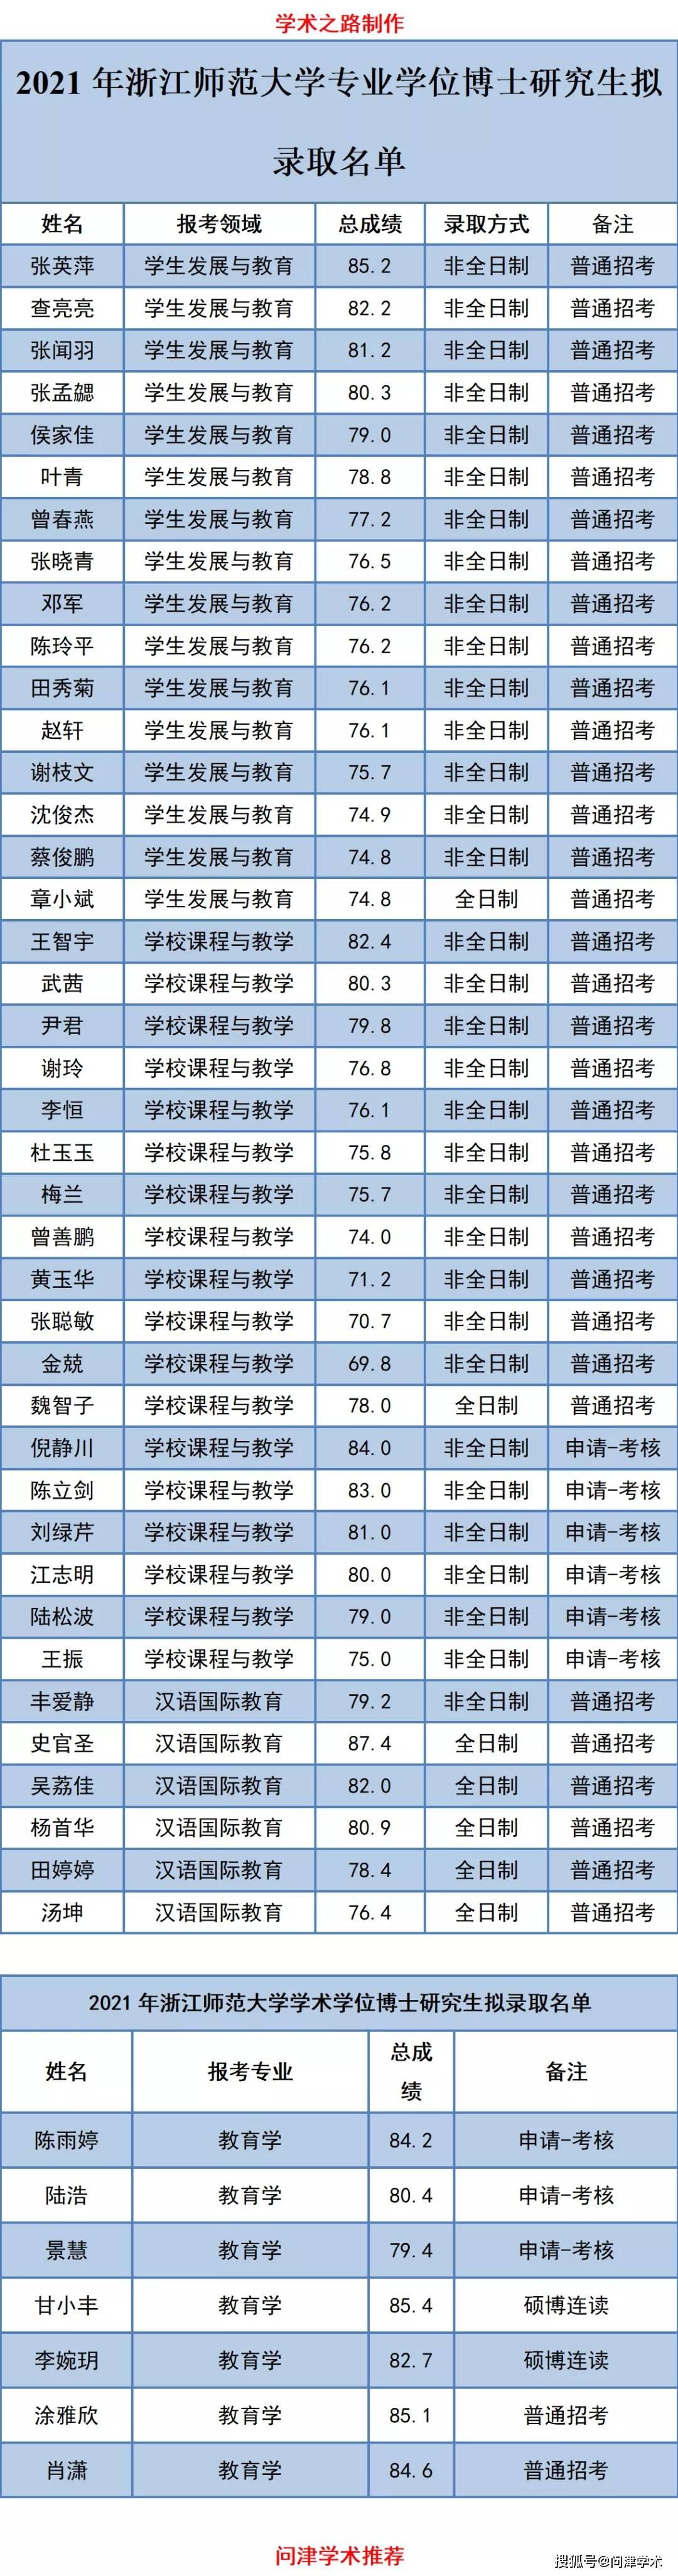 浙江师范大学2021年博士研究生拟录取名单公示,117人